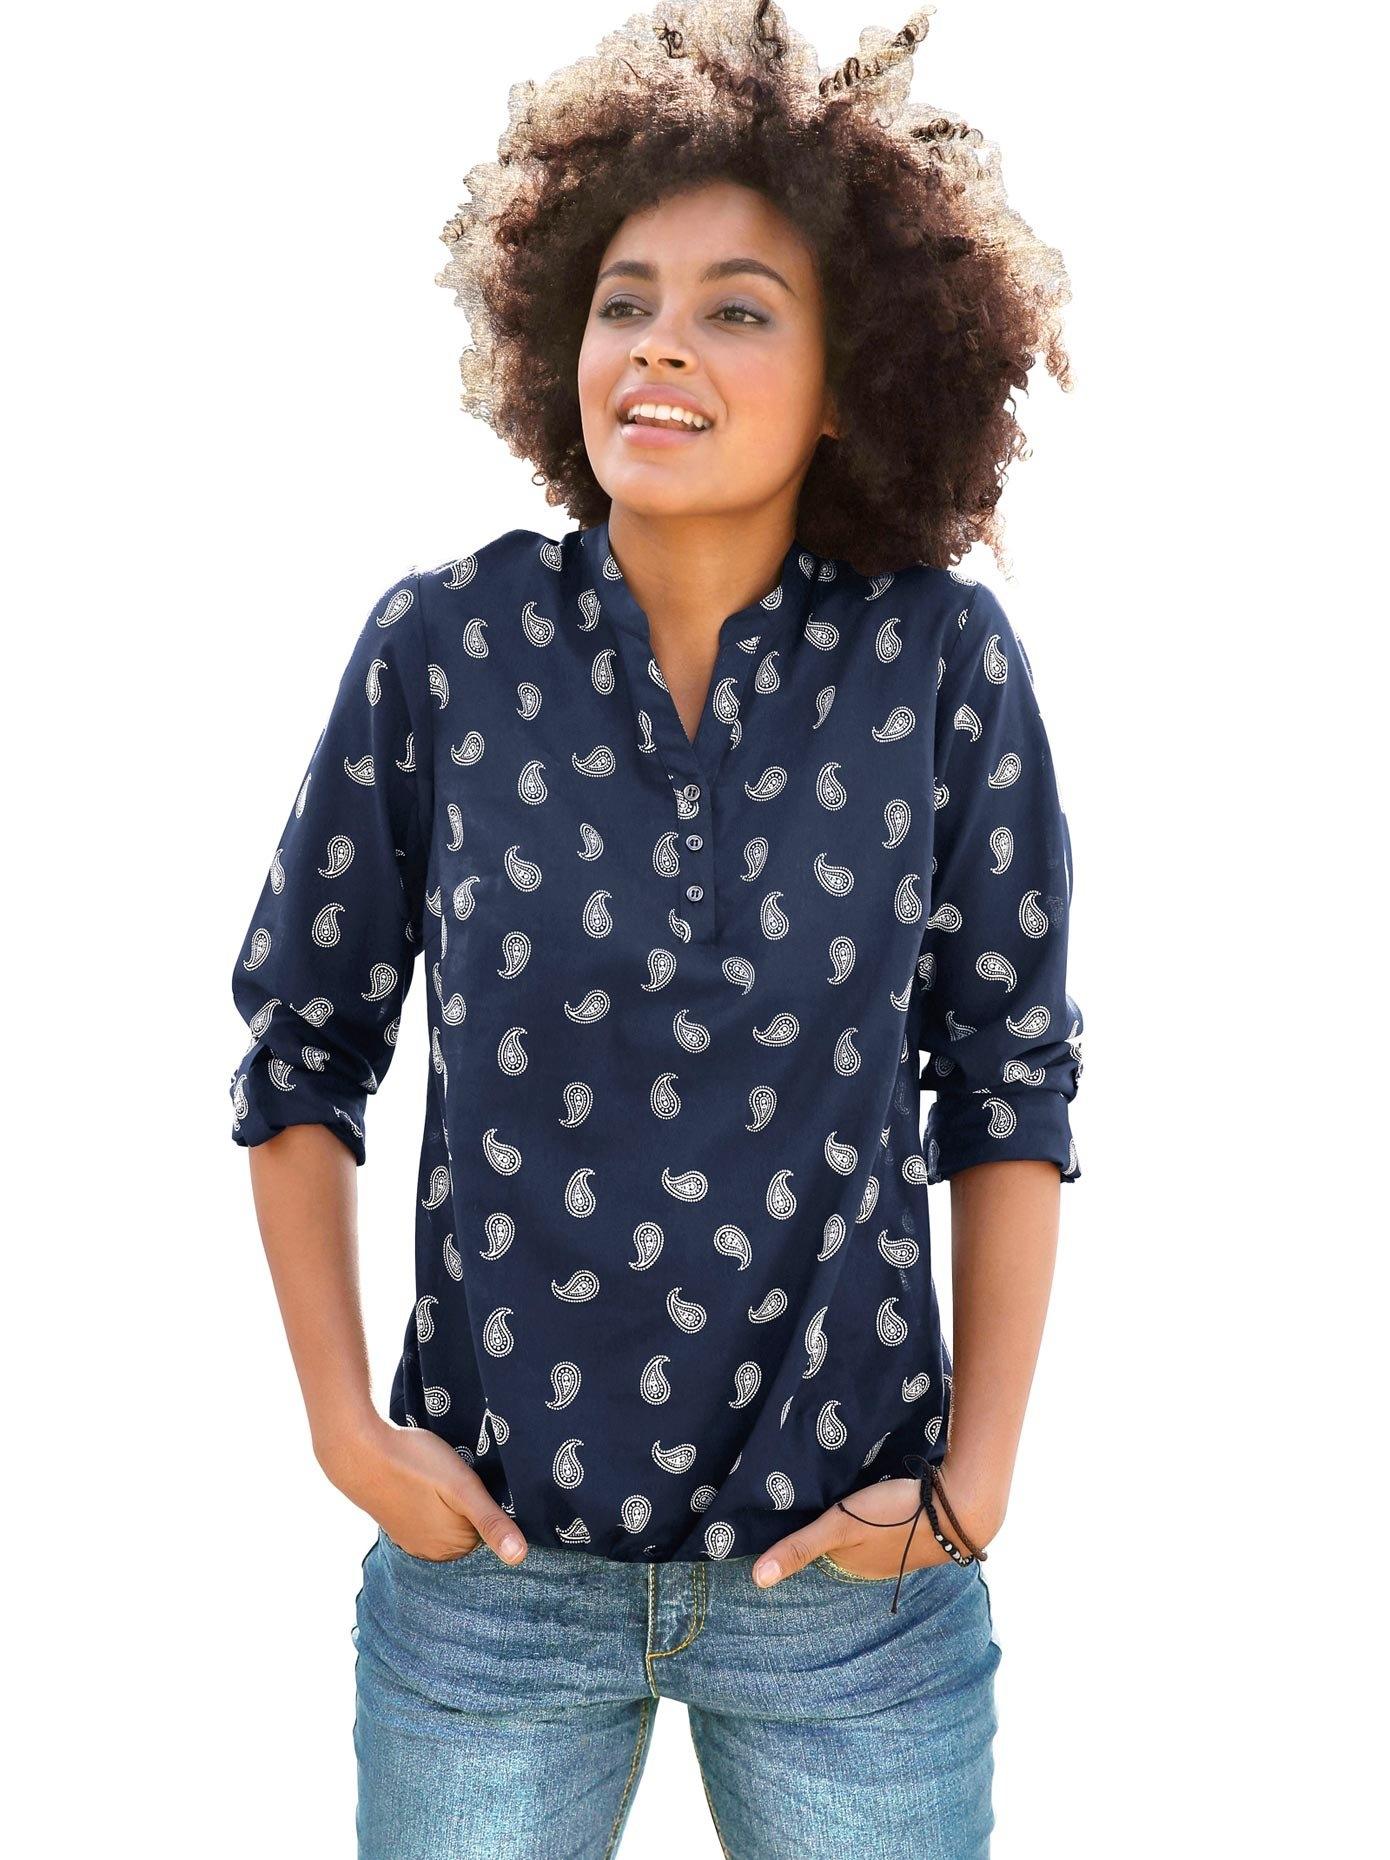 Classic Inspirationen blouse zonder sluiting bestellen: 30 dagen bedenktijd